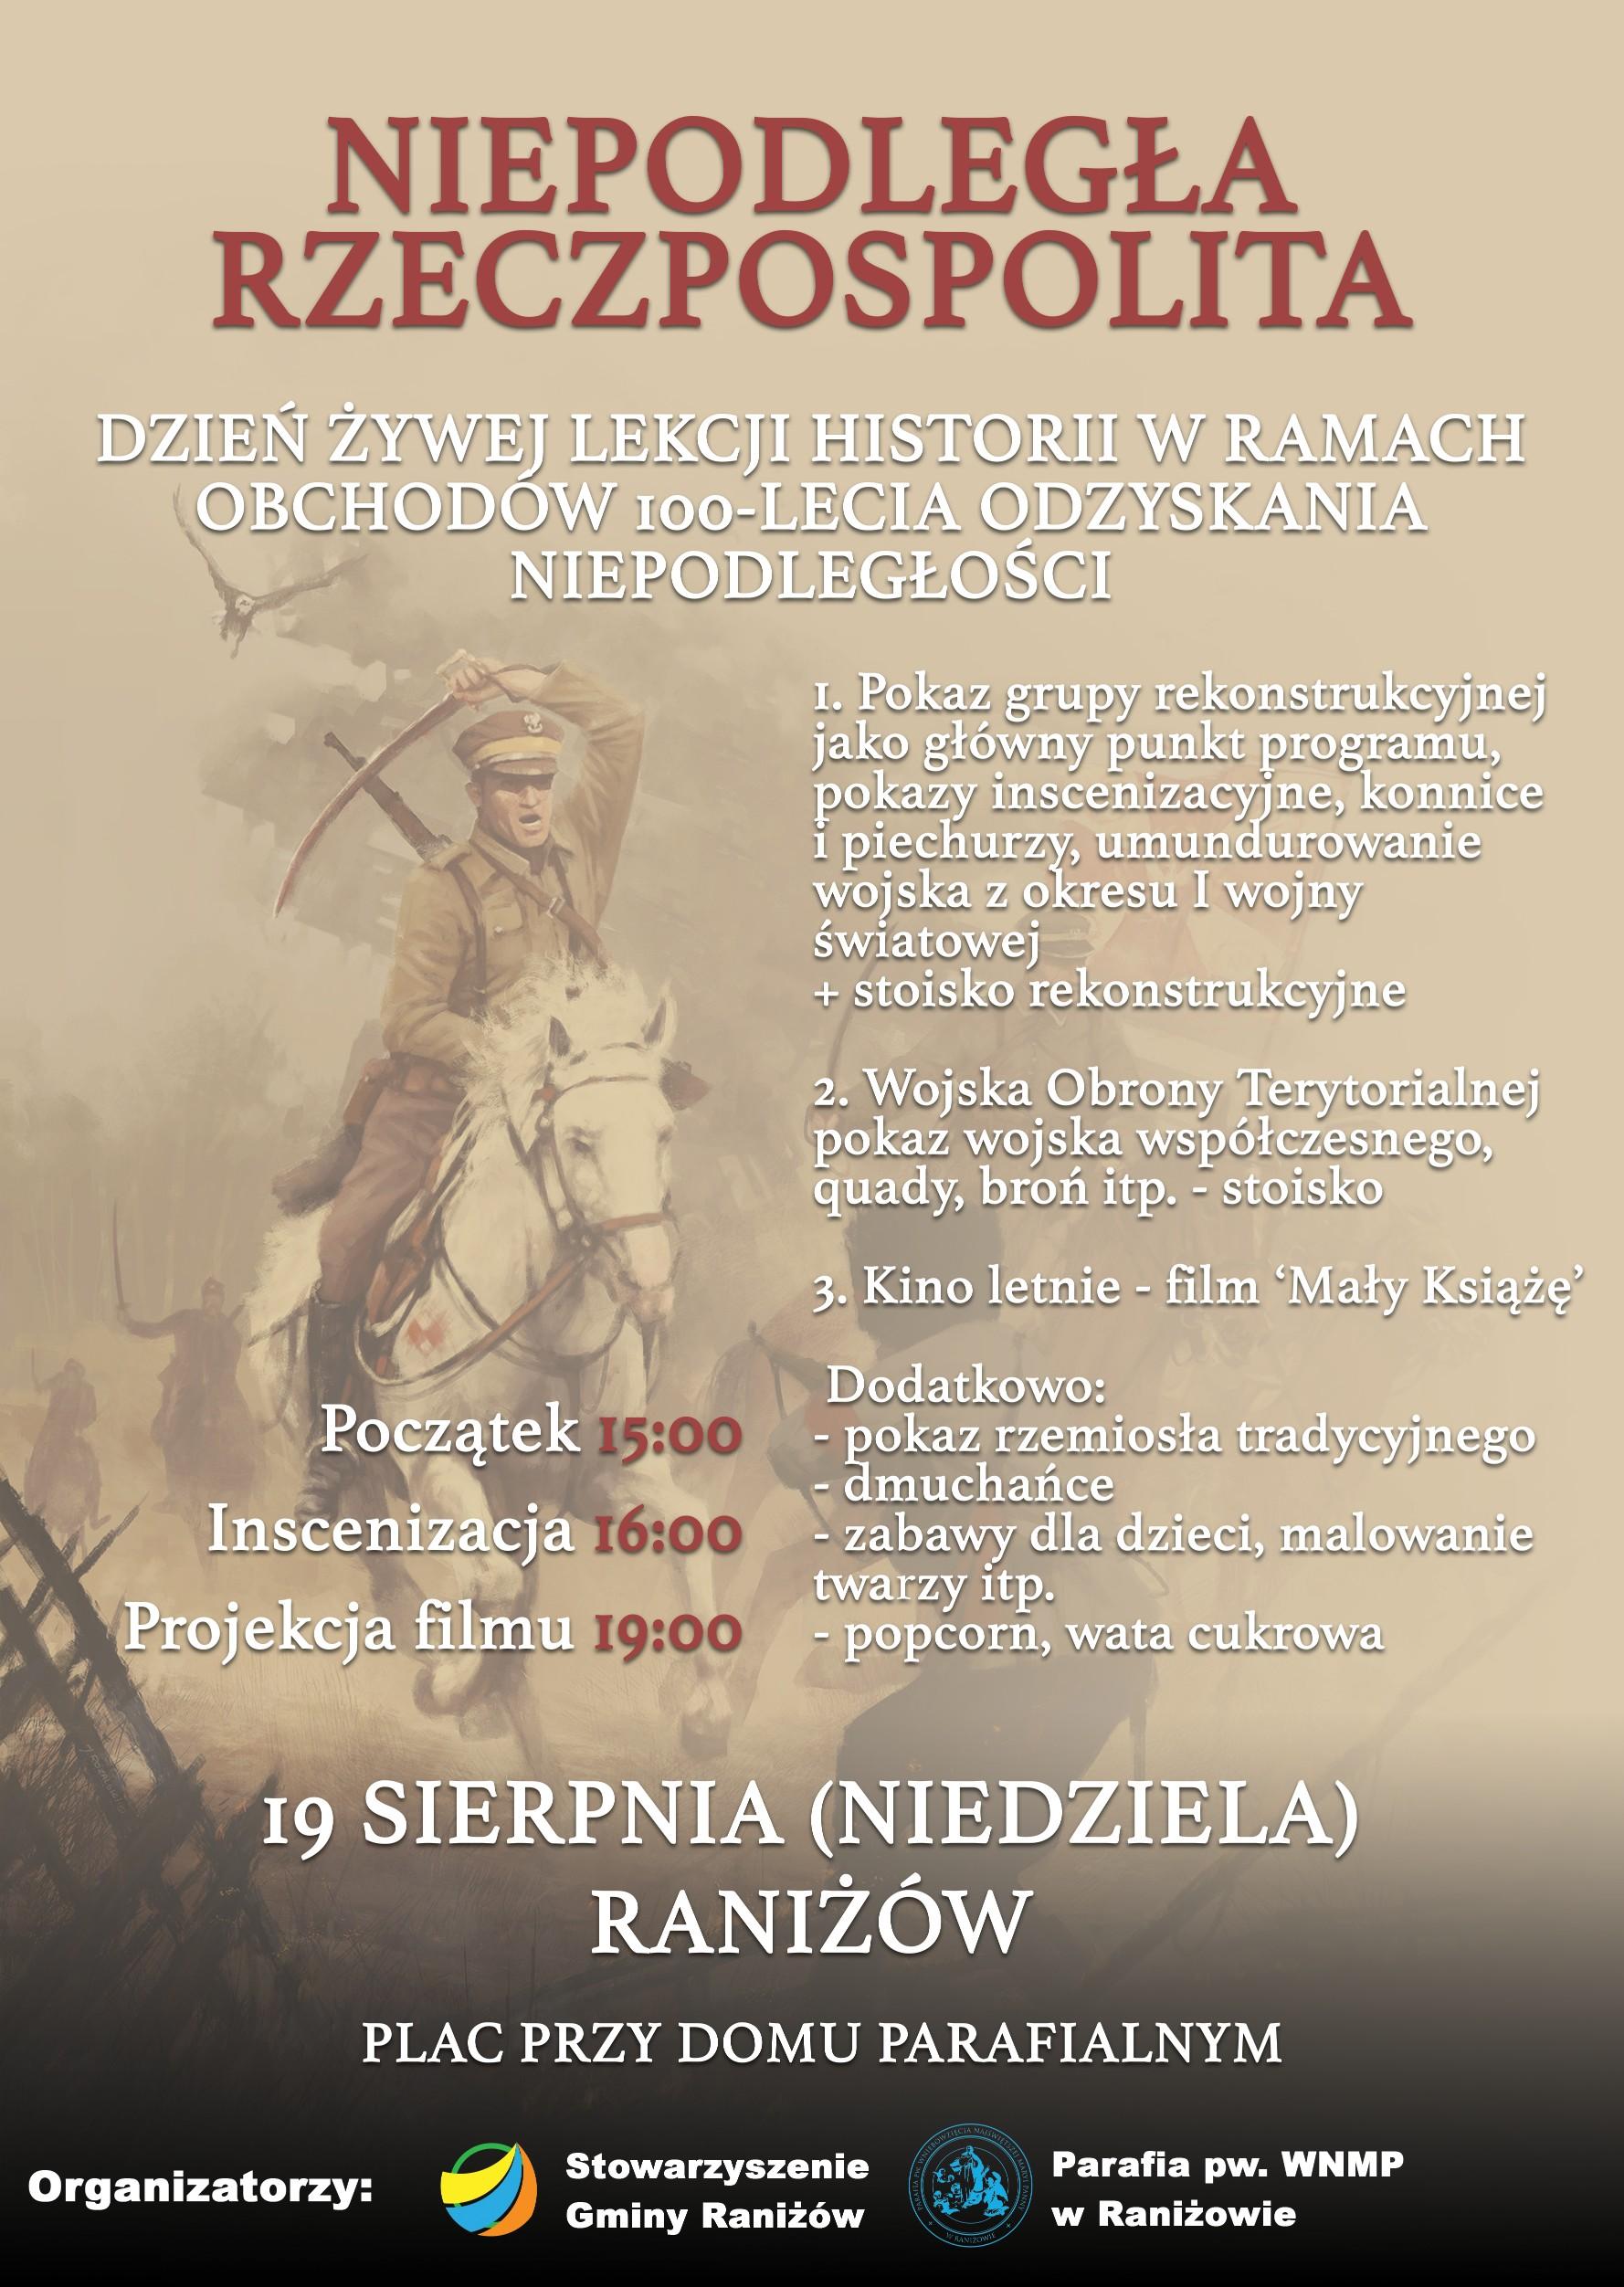 Konnice, piechurzy i Wojska Obrony Terytorialnej. W najbliższą niedzielę (19 sierpnia) odbędzie się w Raniżowie Dzień Żywej Lekcji Historii - Zdjęcie główne